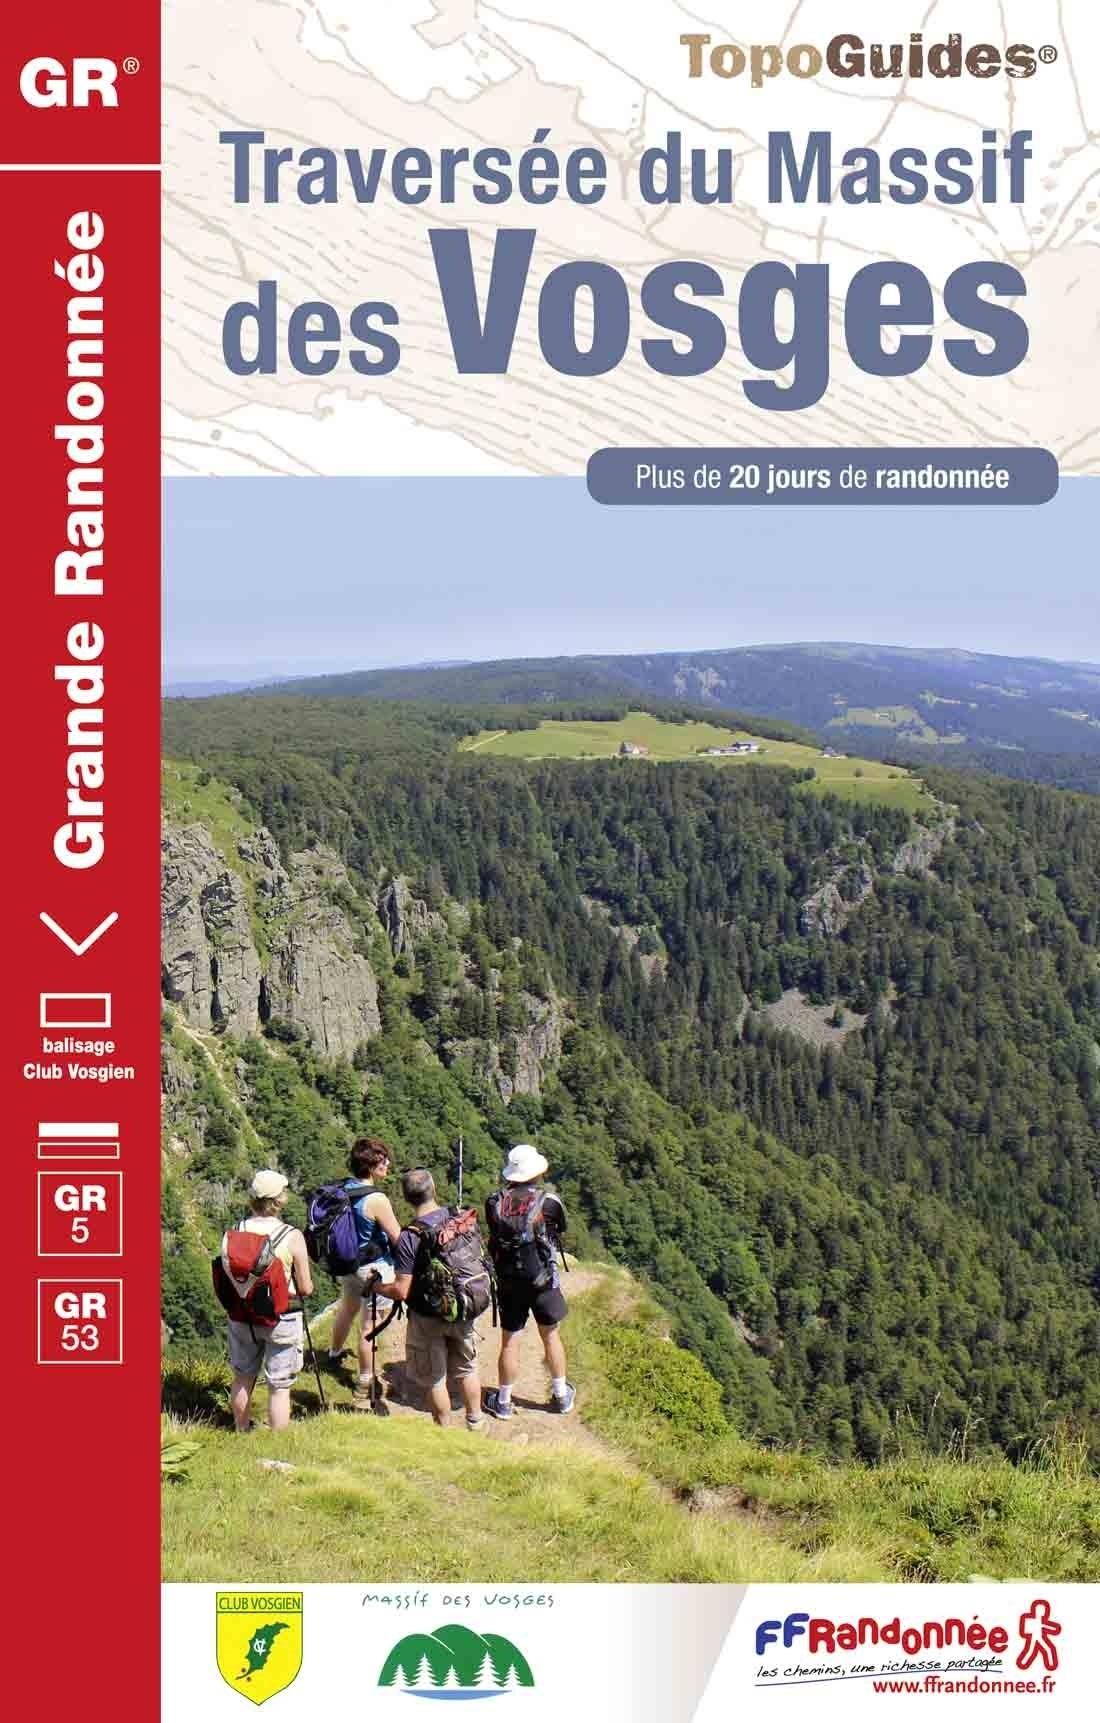 GR-5 | TG-502  Crête des Vosges | wandelgids GR 5 9782751409790  FFRP topoguides à grande randonnée  Lopen naar Rome, Wandelgidsen Vogezen